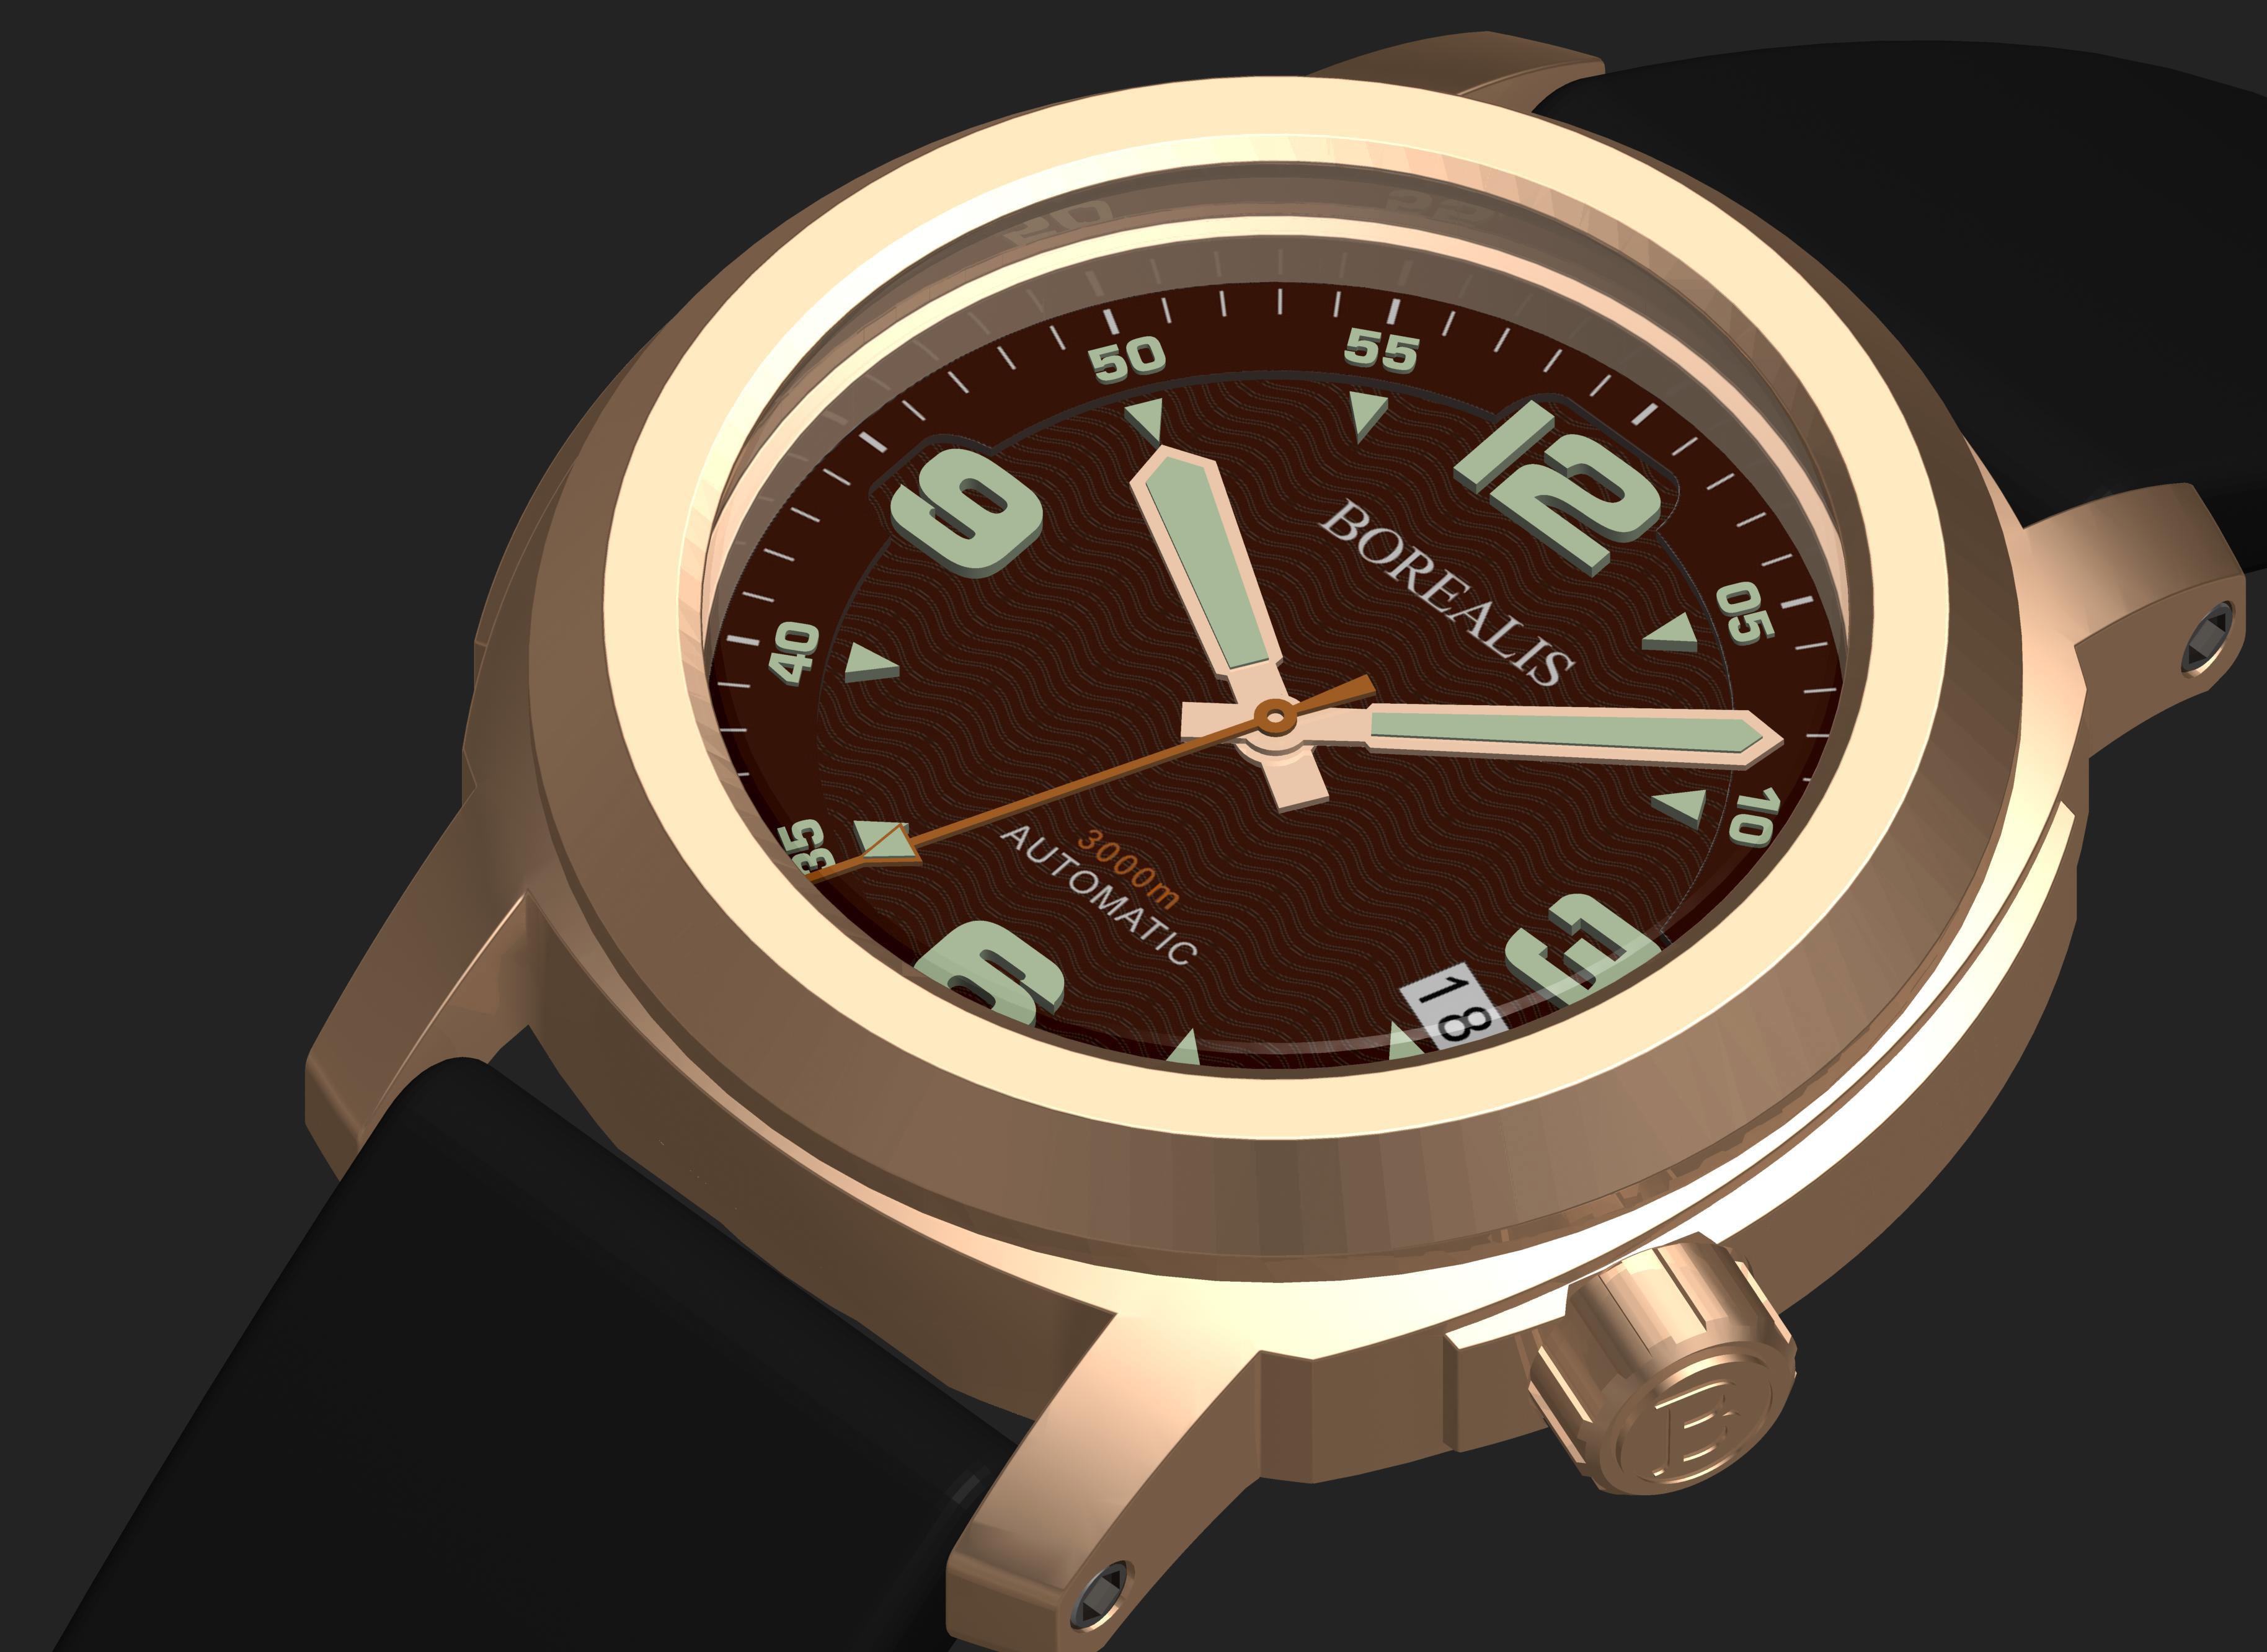 Borealis Batial Bronze CuSn8 Brown 3000m Miyota 9015 Automatic Diver Watch No Date Display